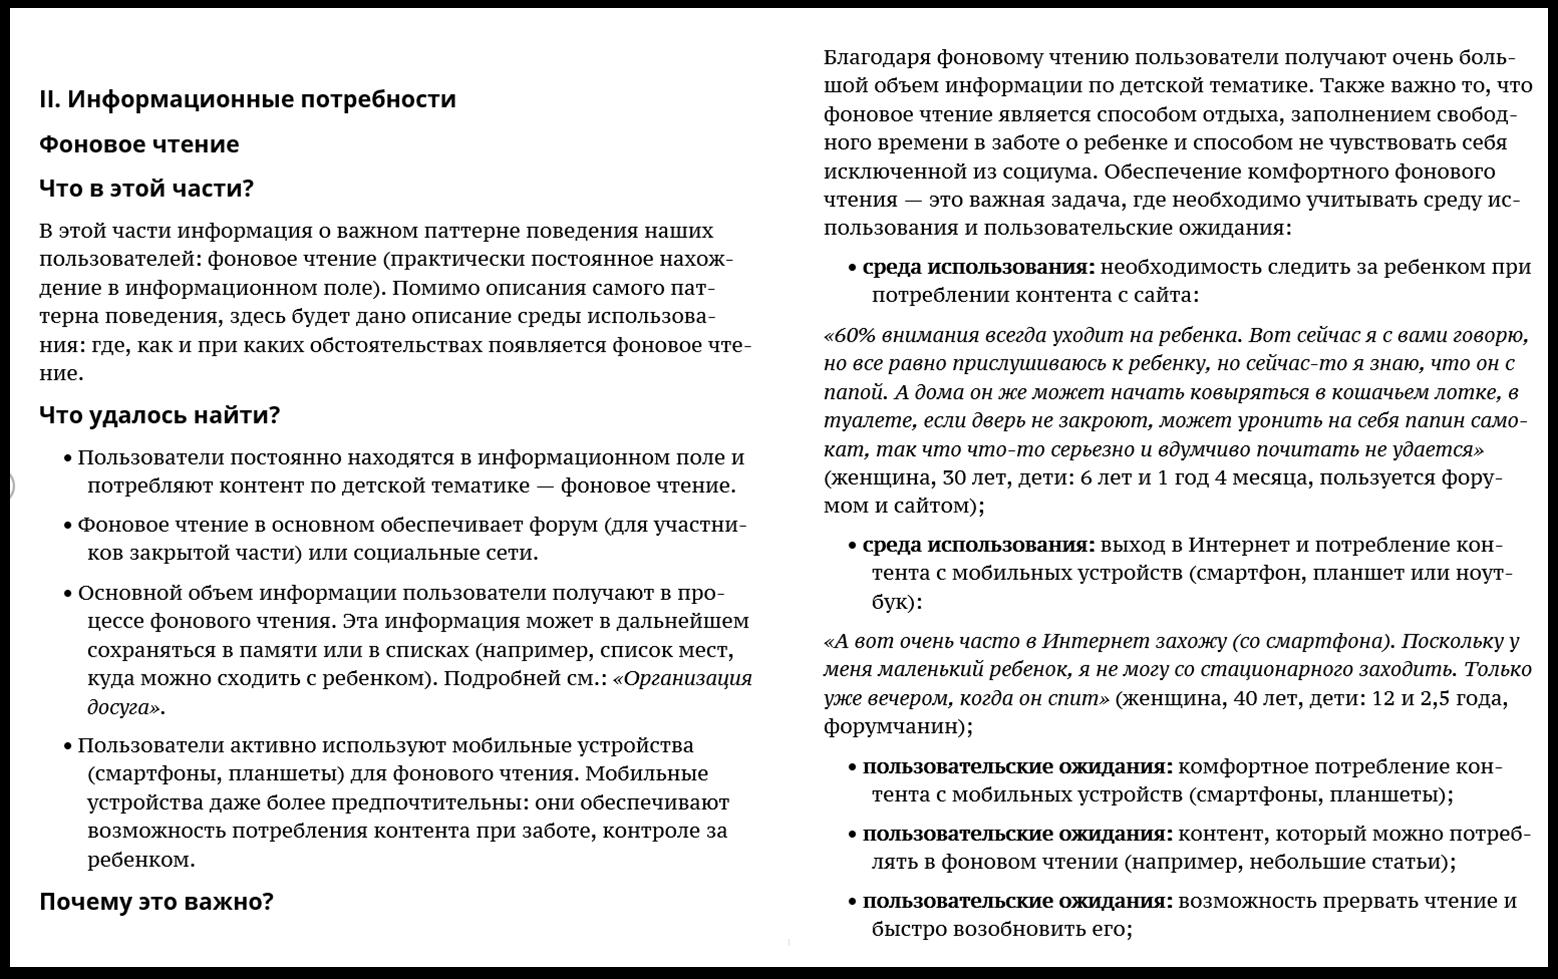 Финальный отчет | SobakaPav.ru